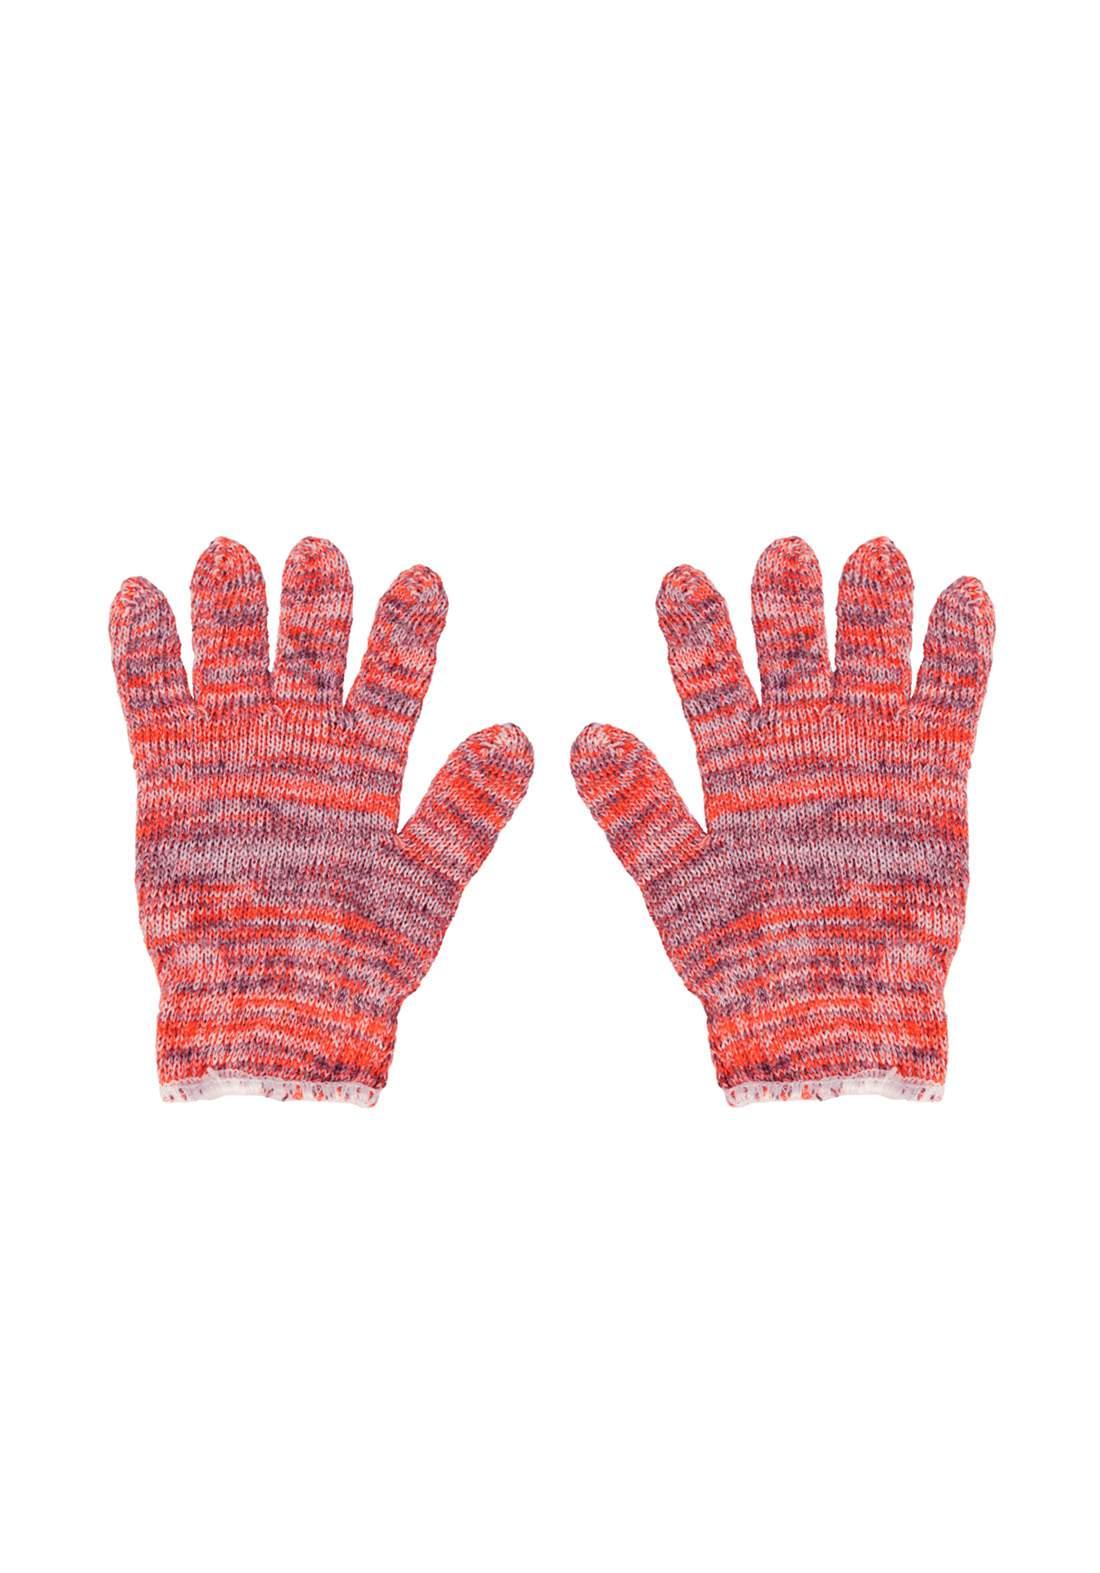 Tramontina 78032/801 Gardening Gloves قفازات للاعمال الزراعية